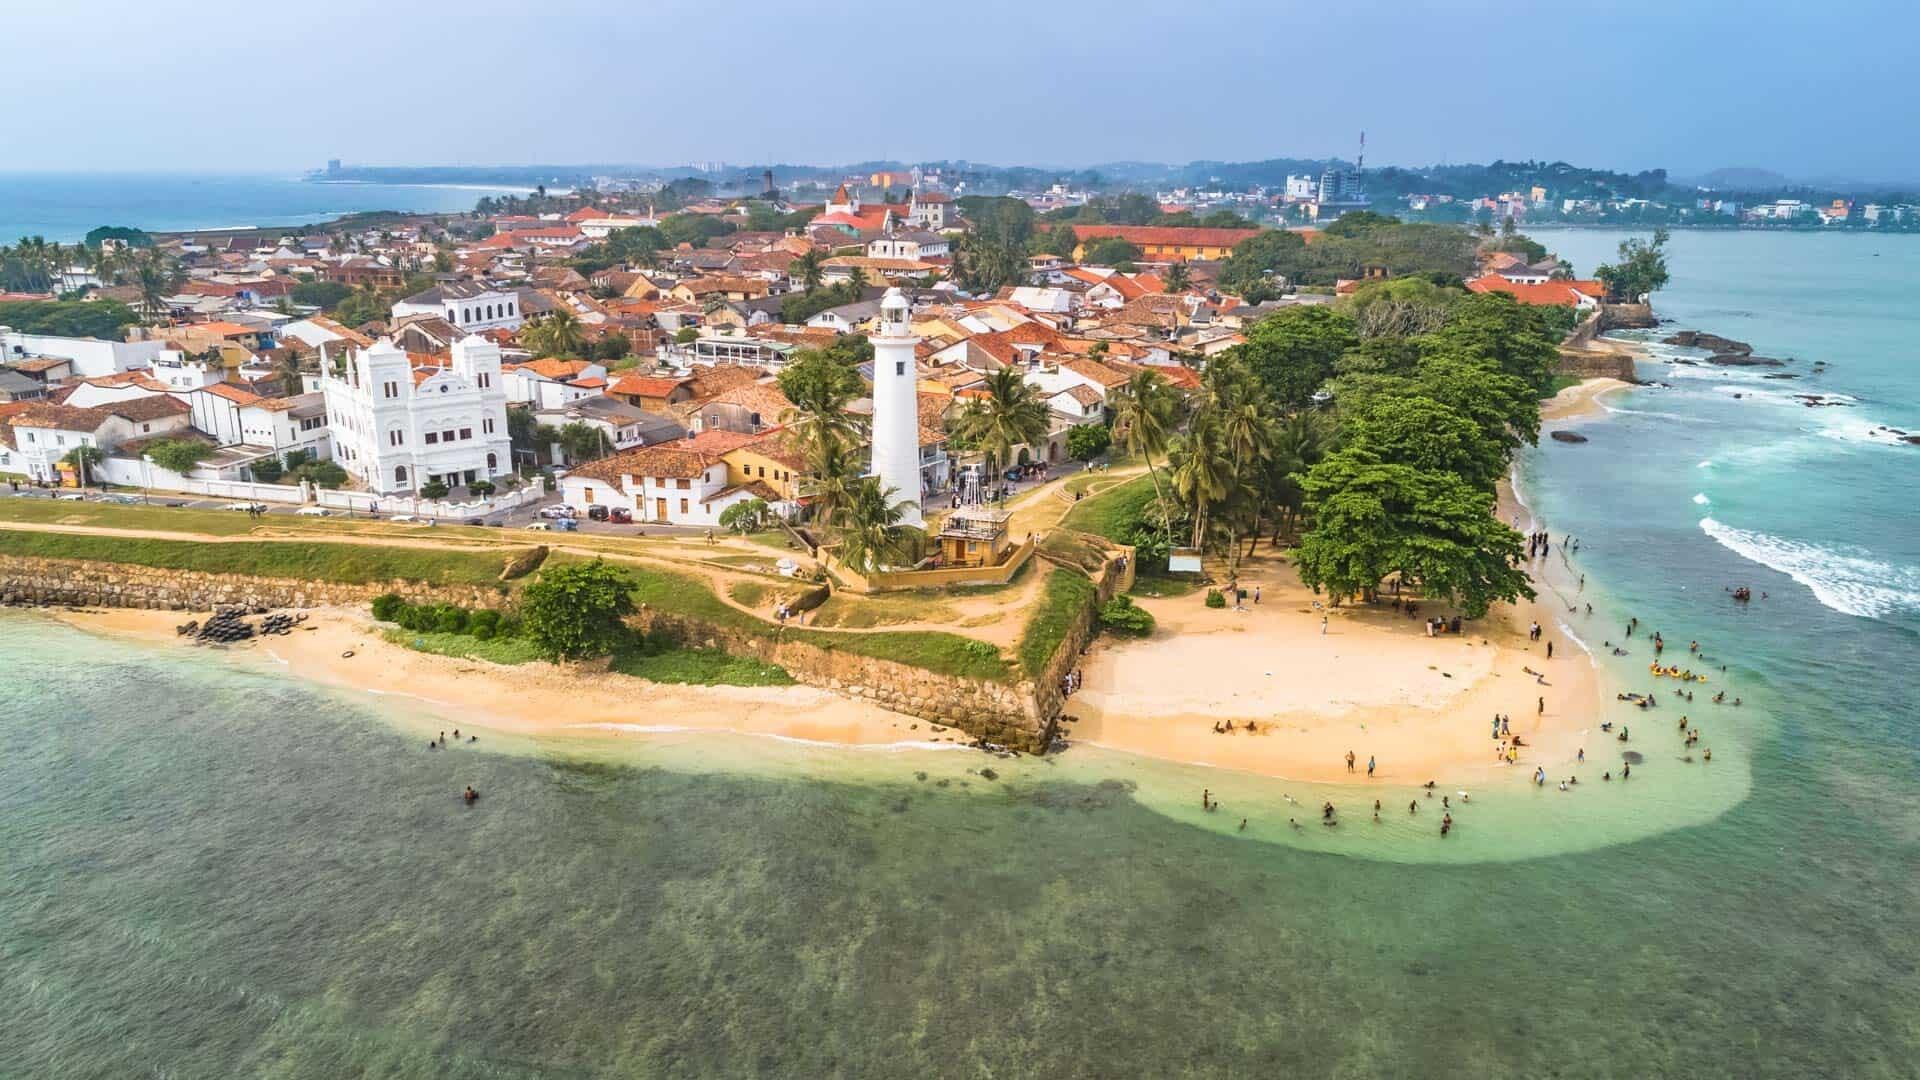 Lieux de photographie au Sri Lanka - Galle Fort